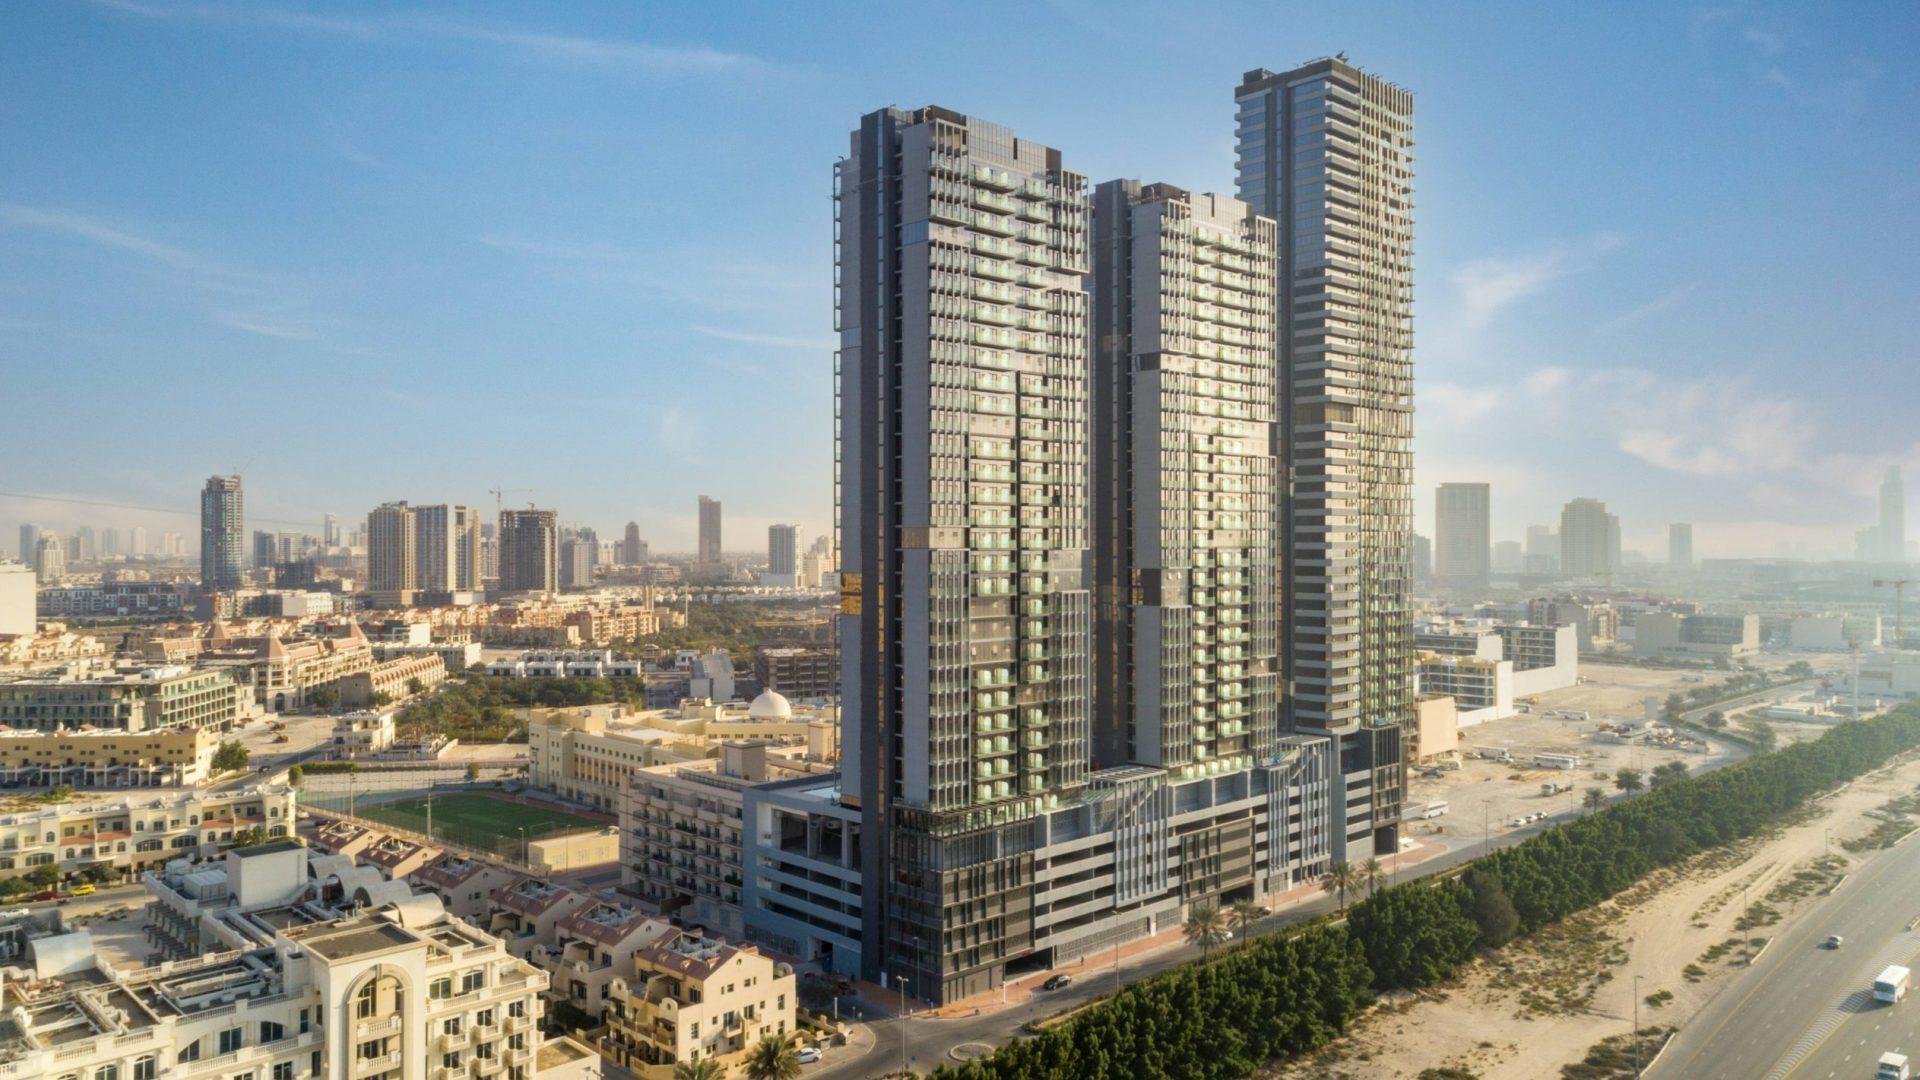 Apartamento en venta en Dubai, EAU, 2 dormitorios, 111 m2, № 24273 – foto 2